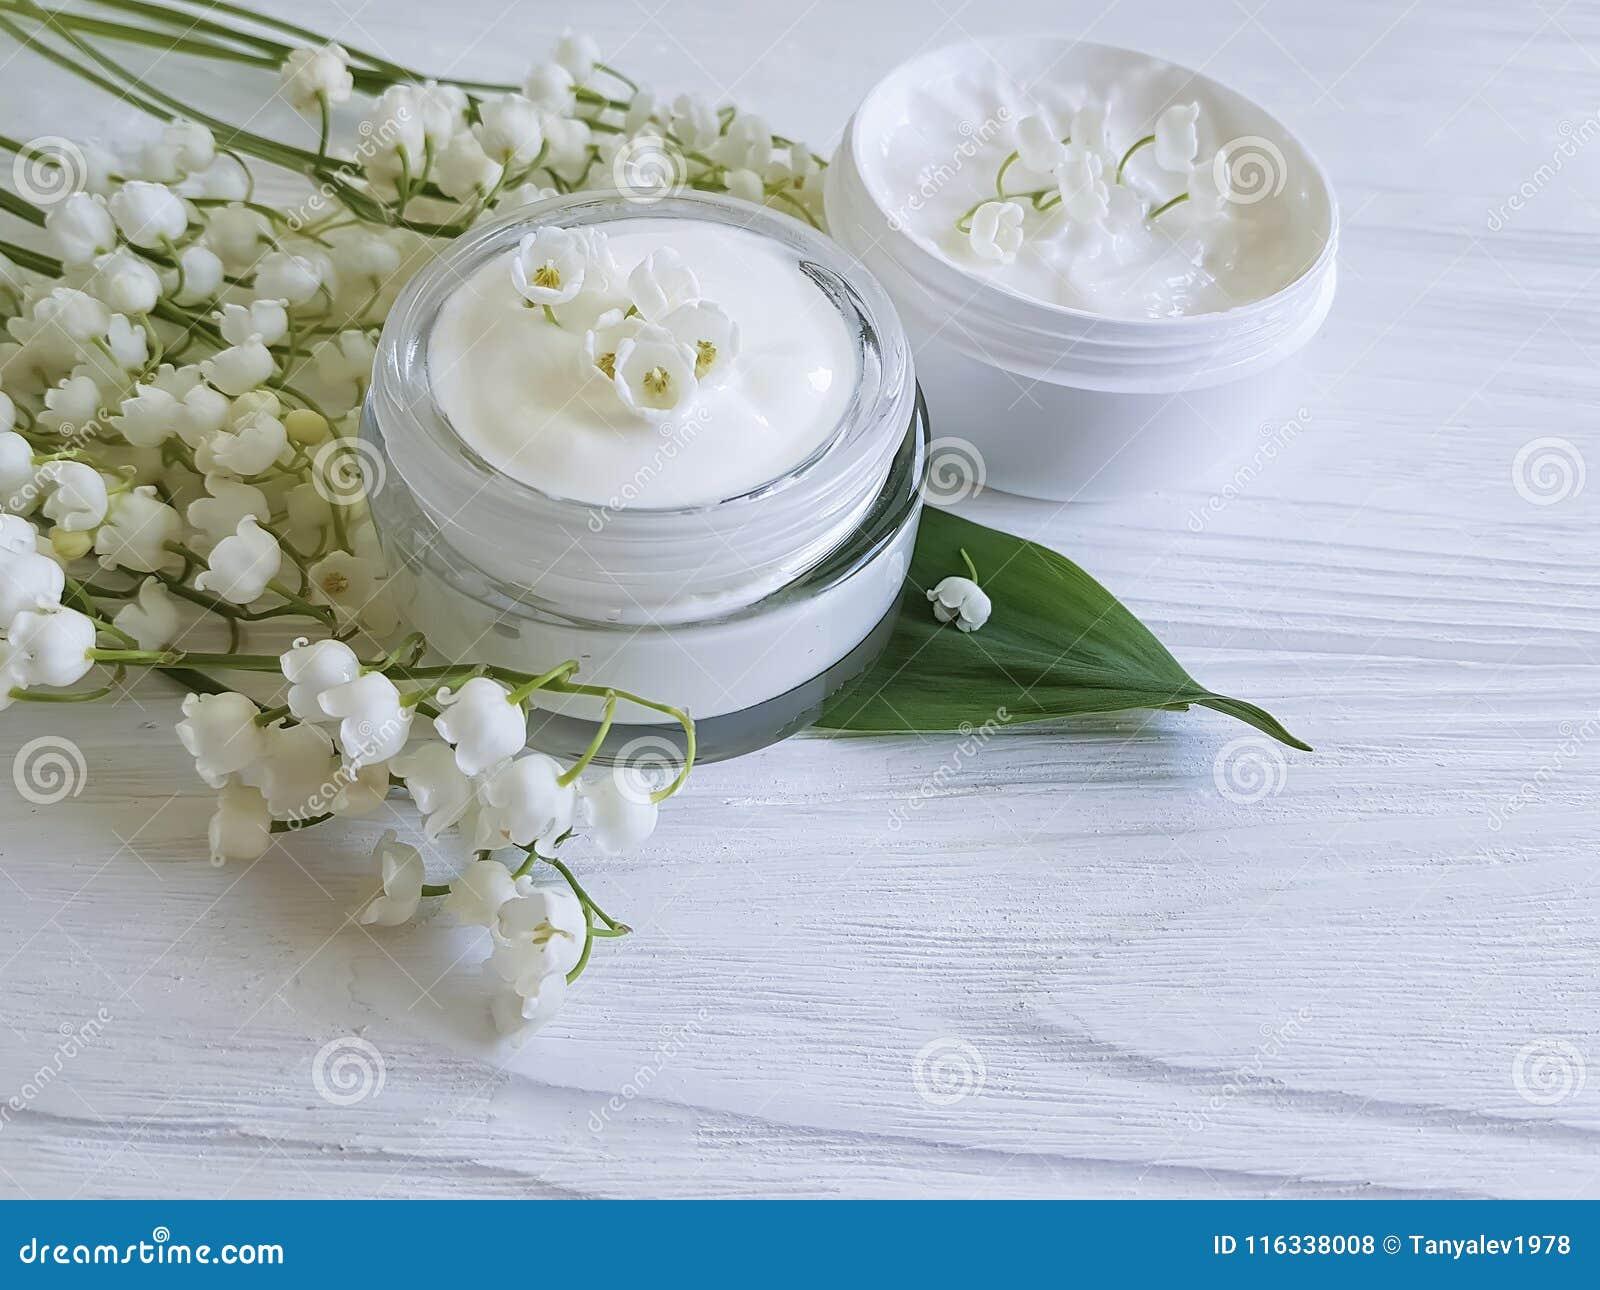 Aromatische rustikale Schönheit der kosmetischen Maiglöckchenentspannungs-Sahnesalbe auf einem weißen hölzernen Hintergrund